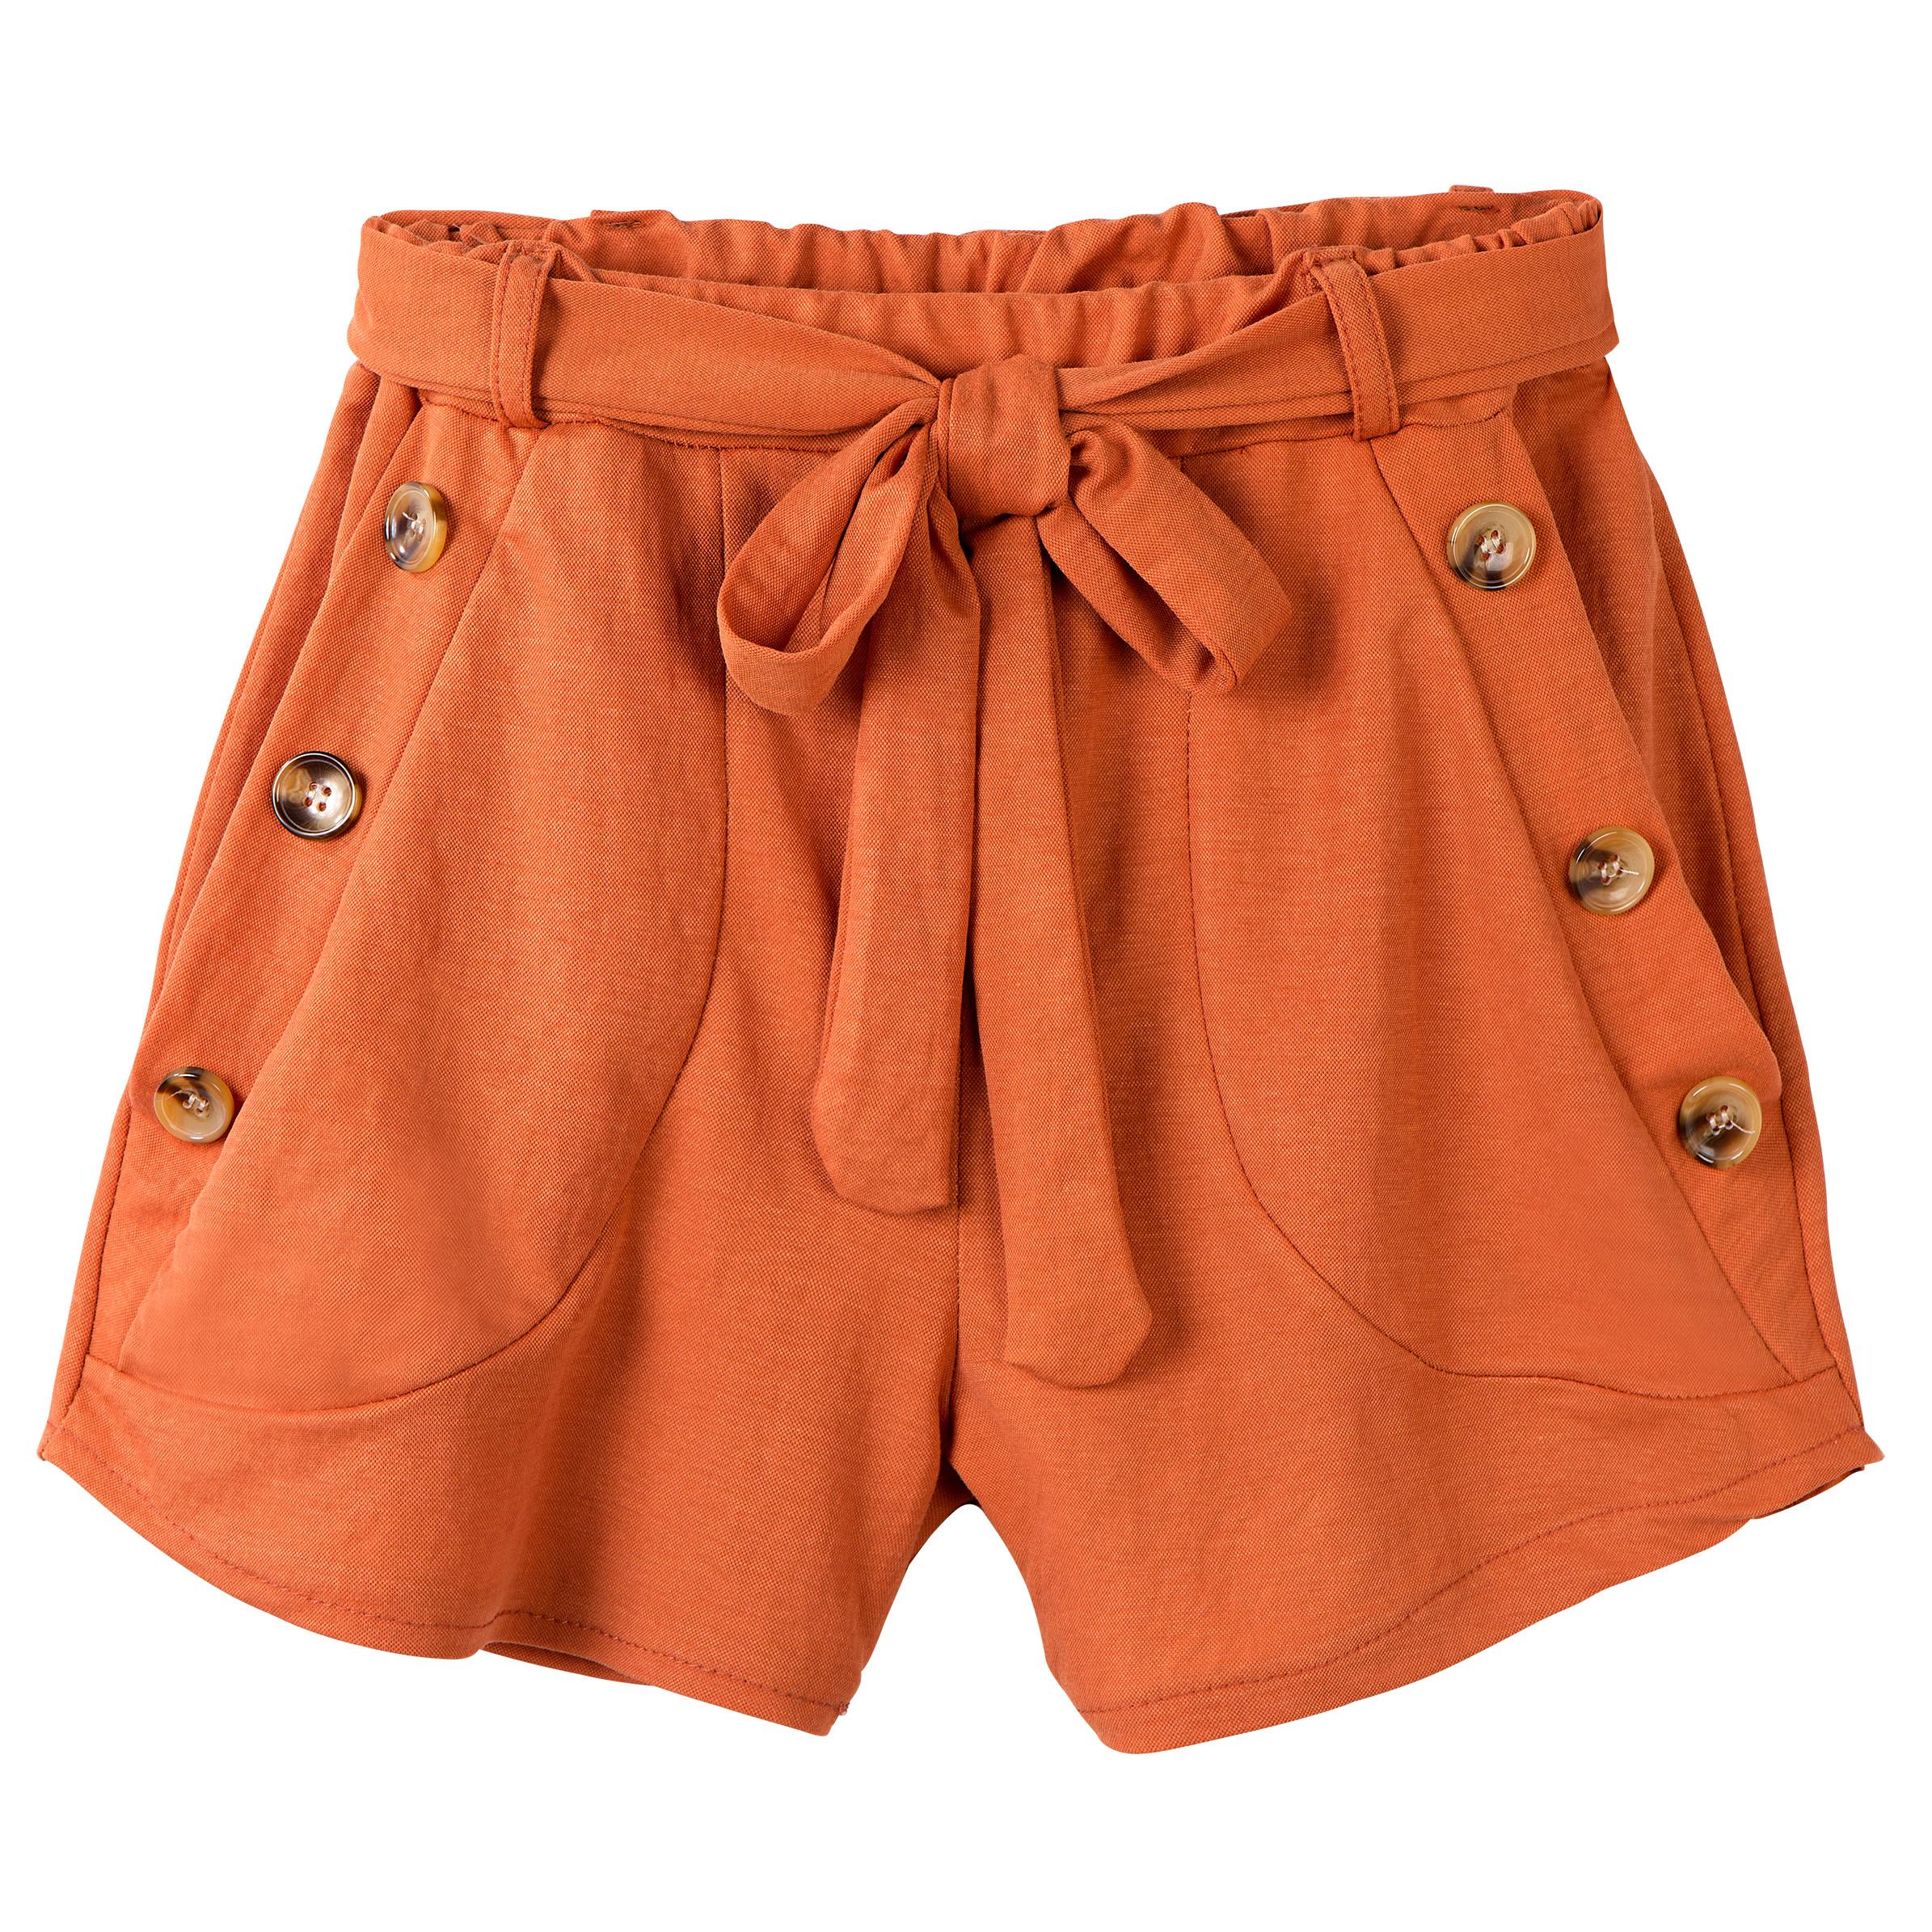 DamenAwg HosenJeansShortsamp; Mode Leggings Für dCtQxBshr